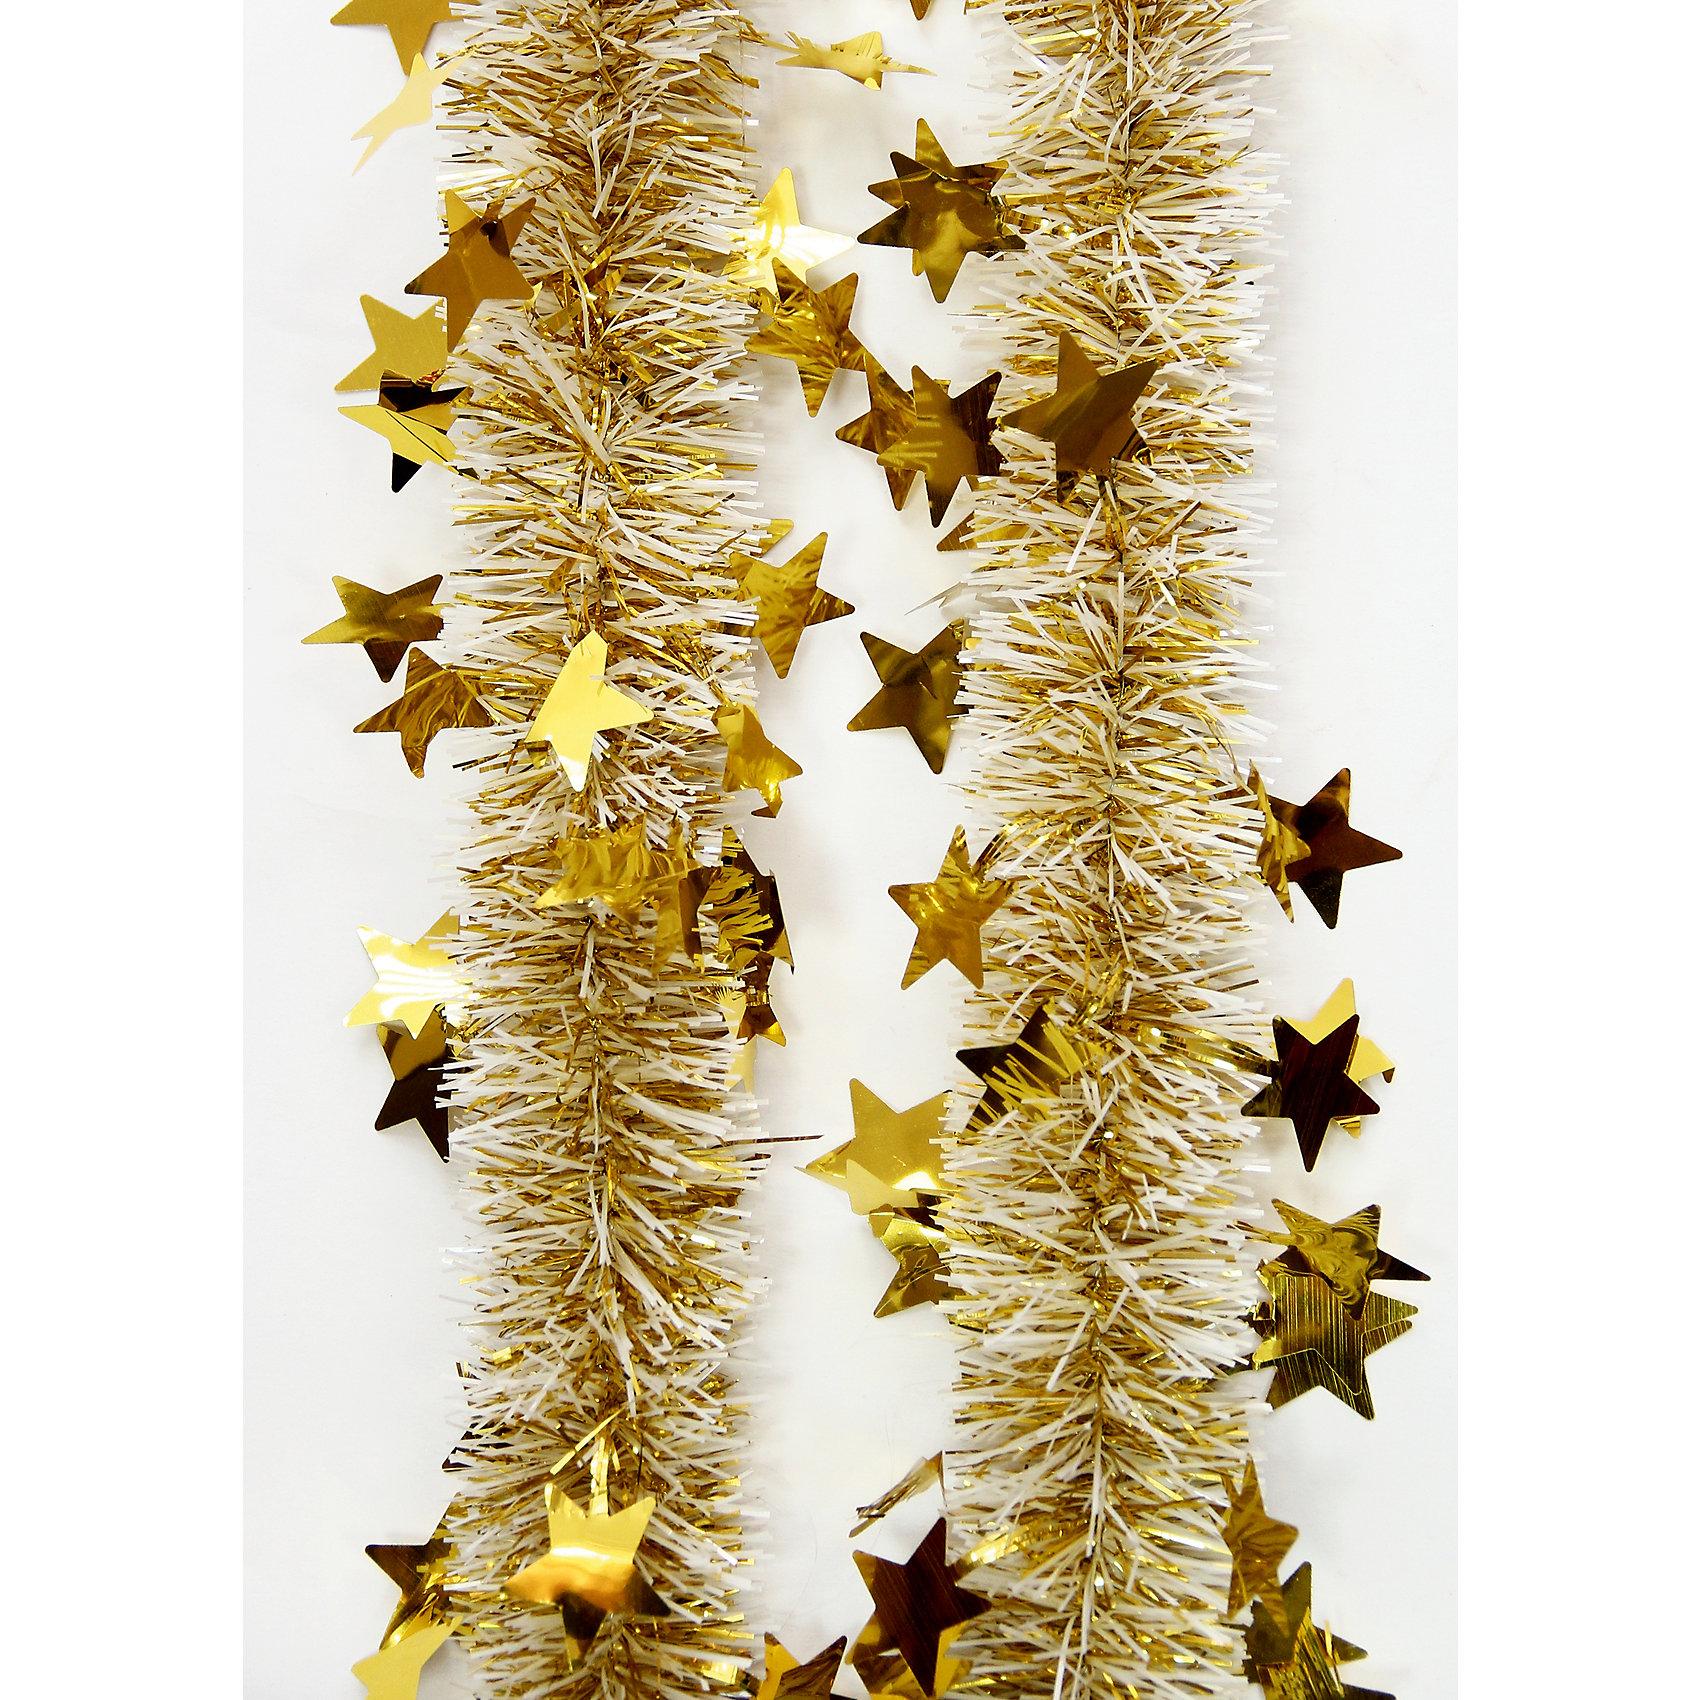 Мишура Золото 6*200 смВсё для праздника<br>Мишура Золото 6*200 см – этот новогодний аксессуар принесет в ваш дом ни с чем несравнимое ощущение праздника!<br>Пушистая новогодняя мишура золотого цвета, декорированная звездочками, поможет вам украсить свой дом к предстоящим праздникам. Мишурой можно украсить все, что угодно - елку, квартиру, дачу, офис - как внутри, так и снаружи. Можно сложить новогодние поздравления, буквы и цифры, дополнить гирлянды, выделить дверные колонны или оплести дверные проемы. Искрящаяся мишура создаст множество ярких бликов, наполнит дом атмосферой волшебства и магии!<br><br>Дополнительная информация:<br><br>- Размер: 6х200 см.<br>- Материал: ПЭТ (полиэтилентерефталат)<br>- Цвет: золото<br><br>Мишуру Золото 6*200 см можно купить в нашем интернет-магазине.<br><br>Ширина мм: 100<br>Глубина мм: 100<br>Высота мм: 60<br>Вес г: 620<br>Возраст от месяцев: 36<br>Возраст до месяцев: 2147483647<br>Пол: Унисекс<br>Возраст: Детский<br>SKU: 4981507